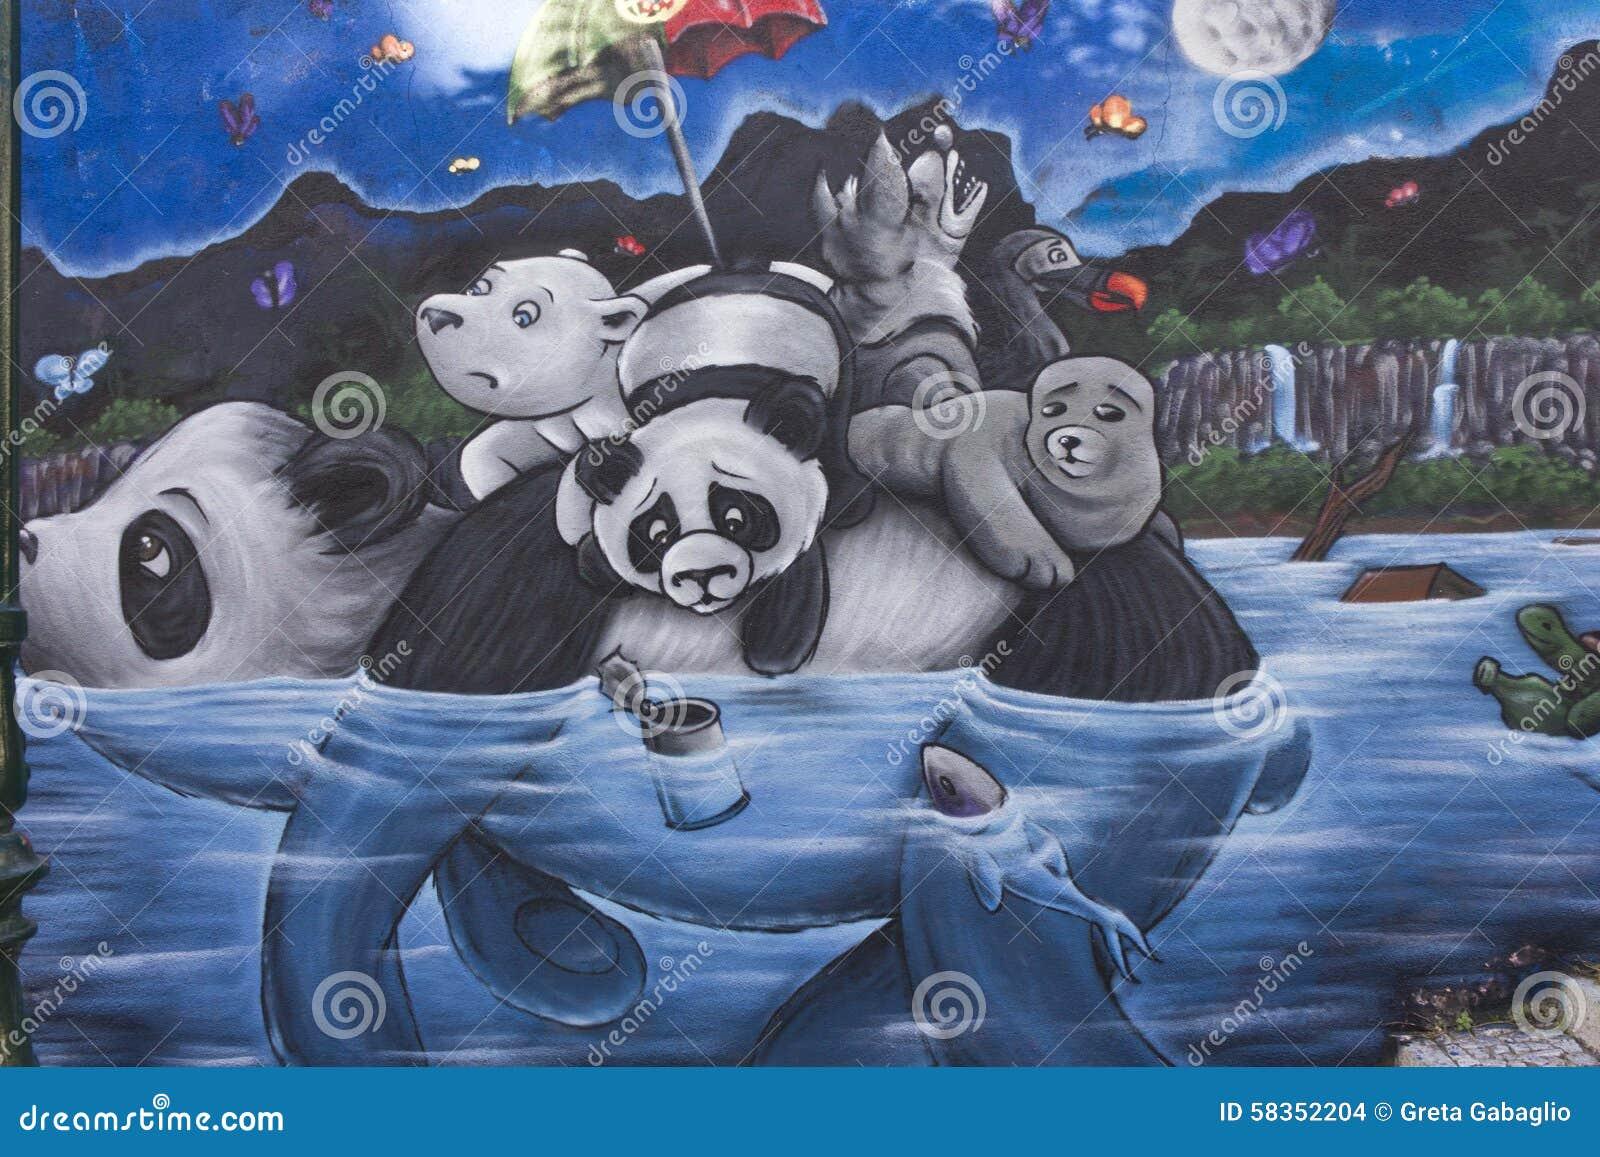 Panda Wall Mural Panda Graffiti In Lisbon Editorial Stock Image Image